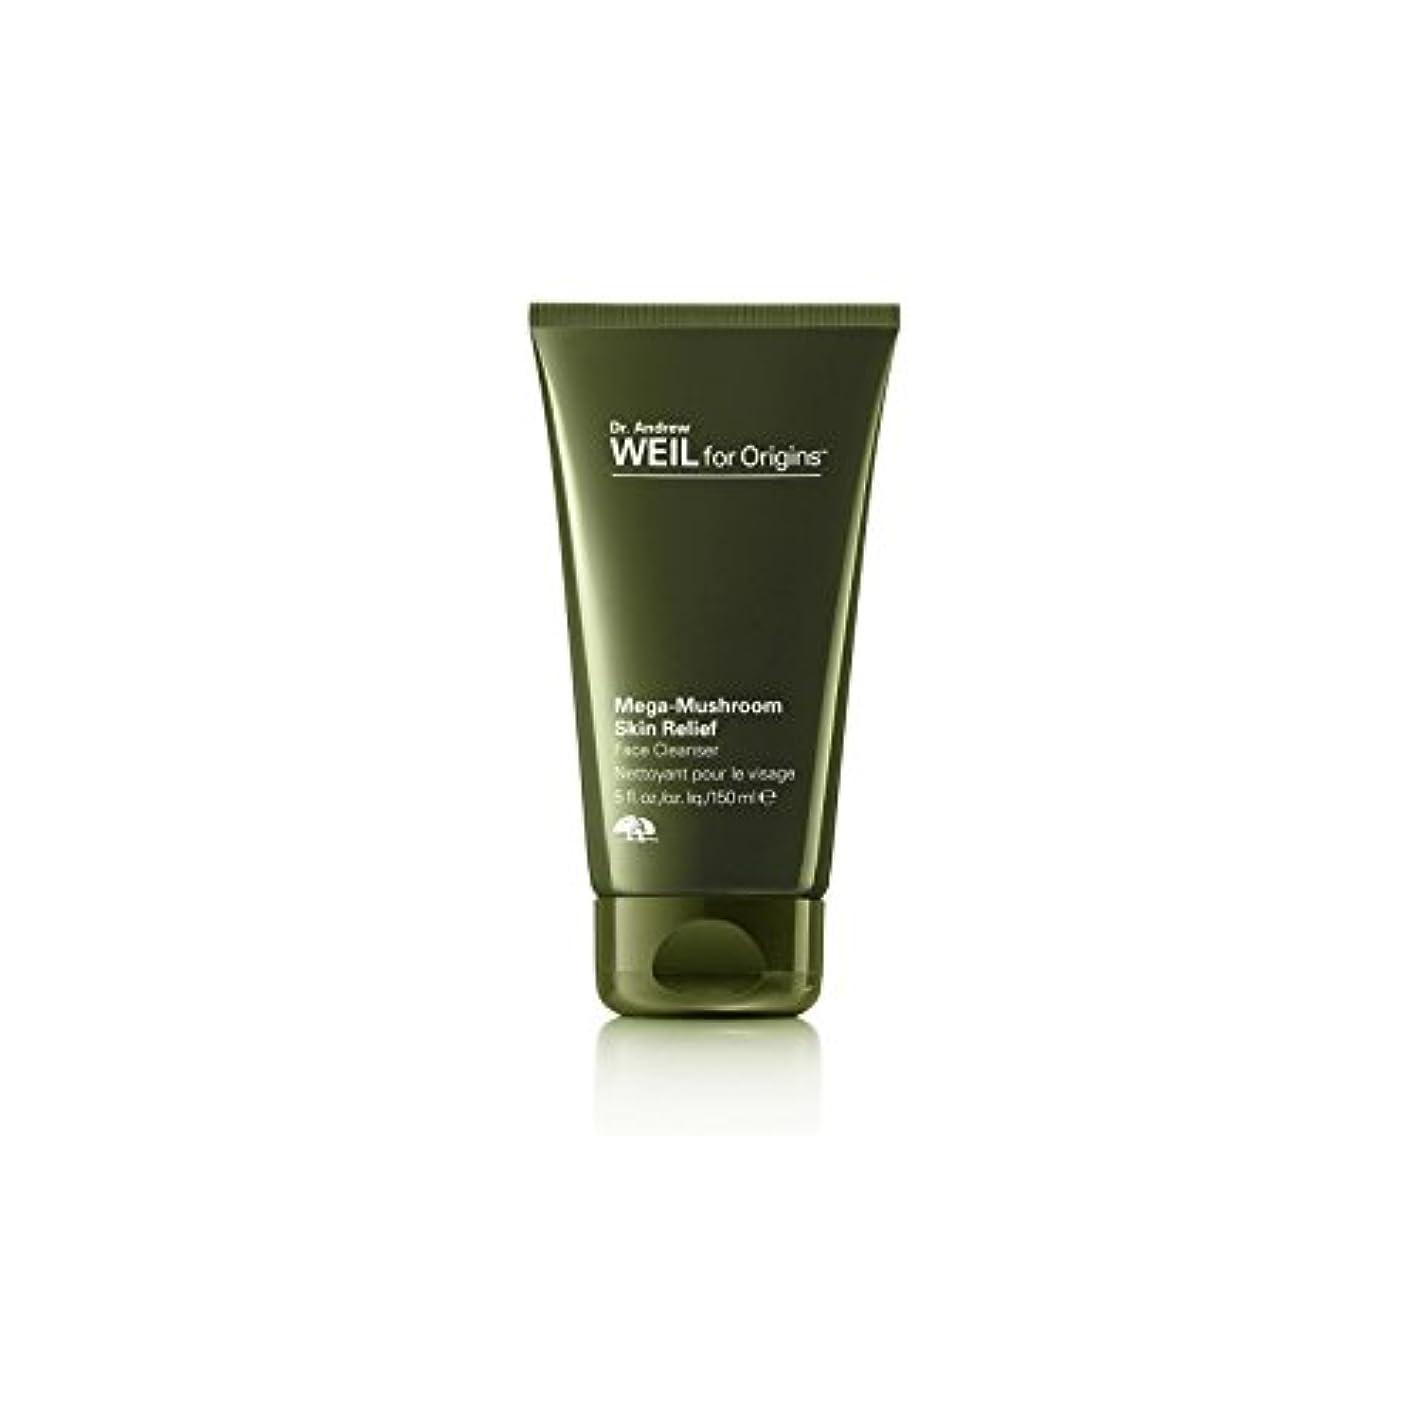 確認ポルティコ規則性起源アンドルー?ワイル起源メガキノコ皮膚救済顔クレンザー150ミリリットルのために x2 - Origins Dr. Andrew Weil For Origins Mega-Mushroom Skin Relief Face...